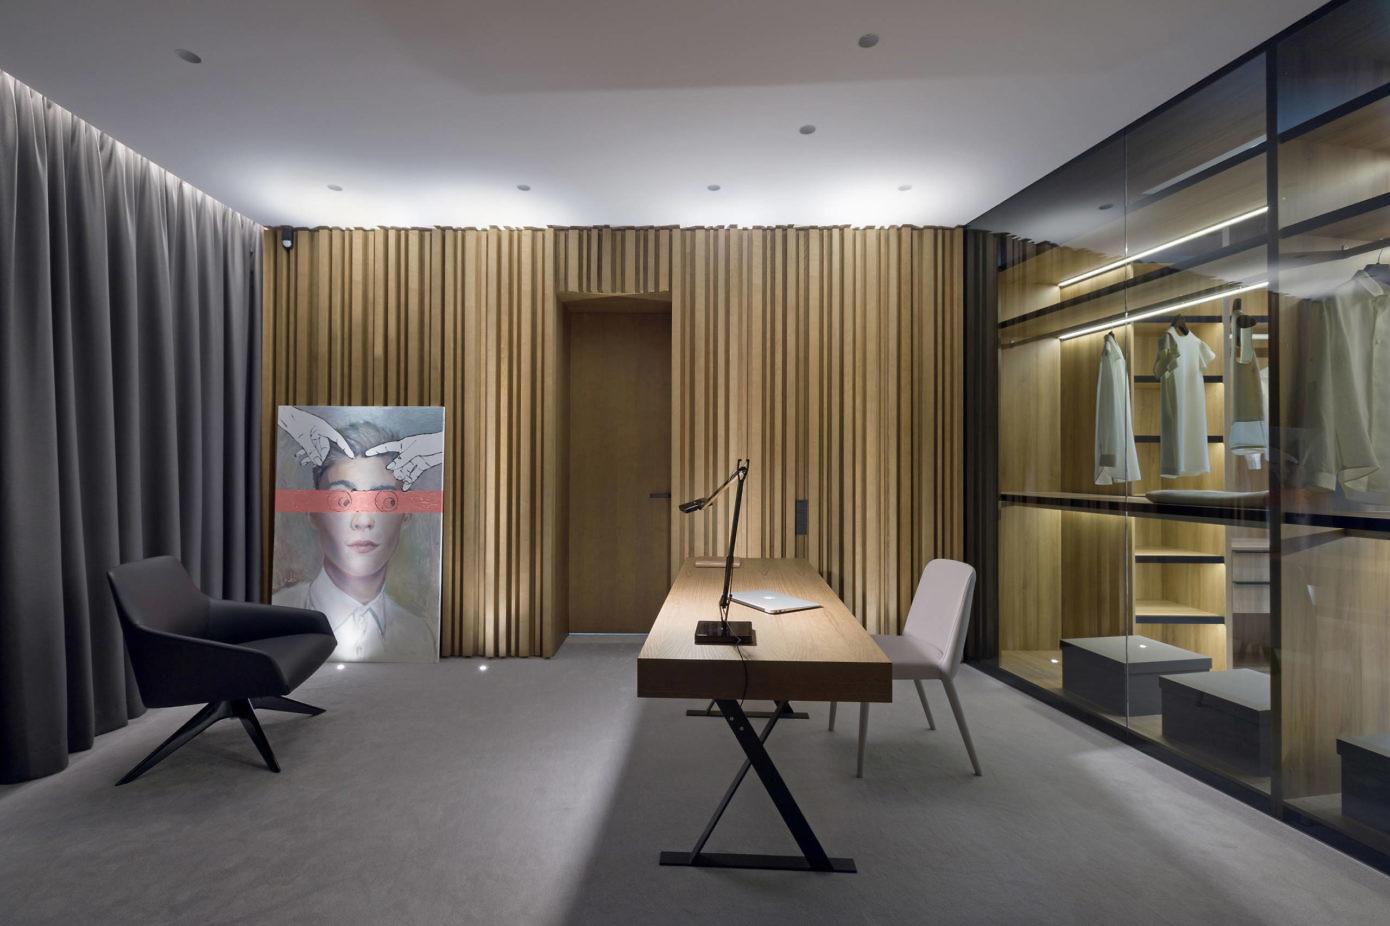 150㎡简约现代公寓书房装修效果图